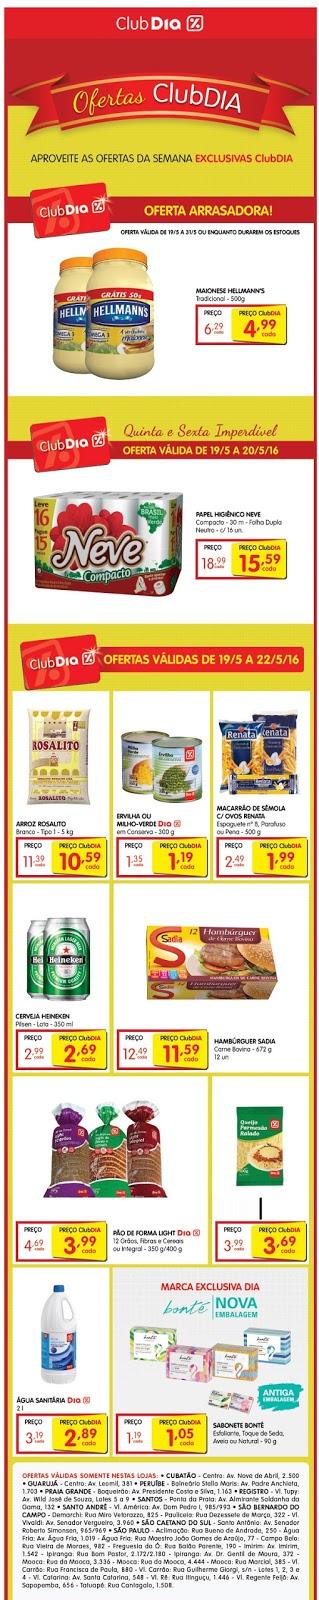 Ofertas ClubDIA Supermercados %Dia, 19 à 22/5